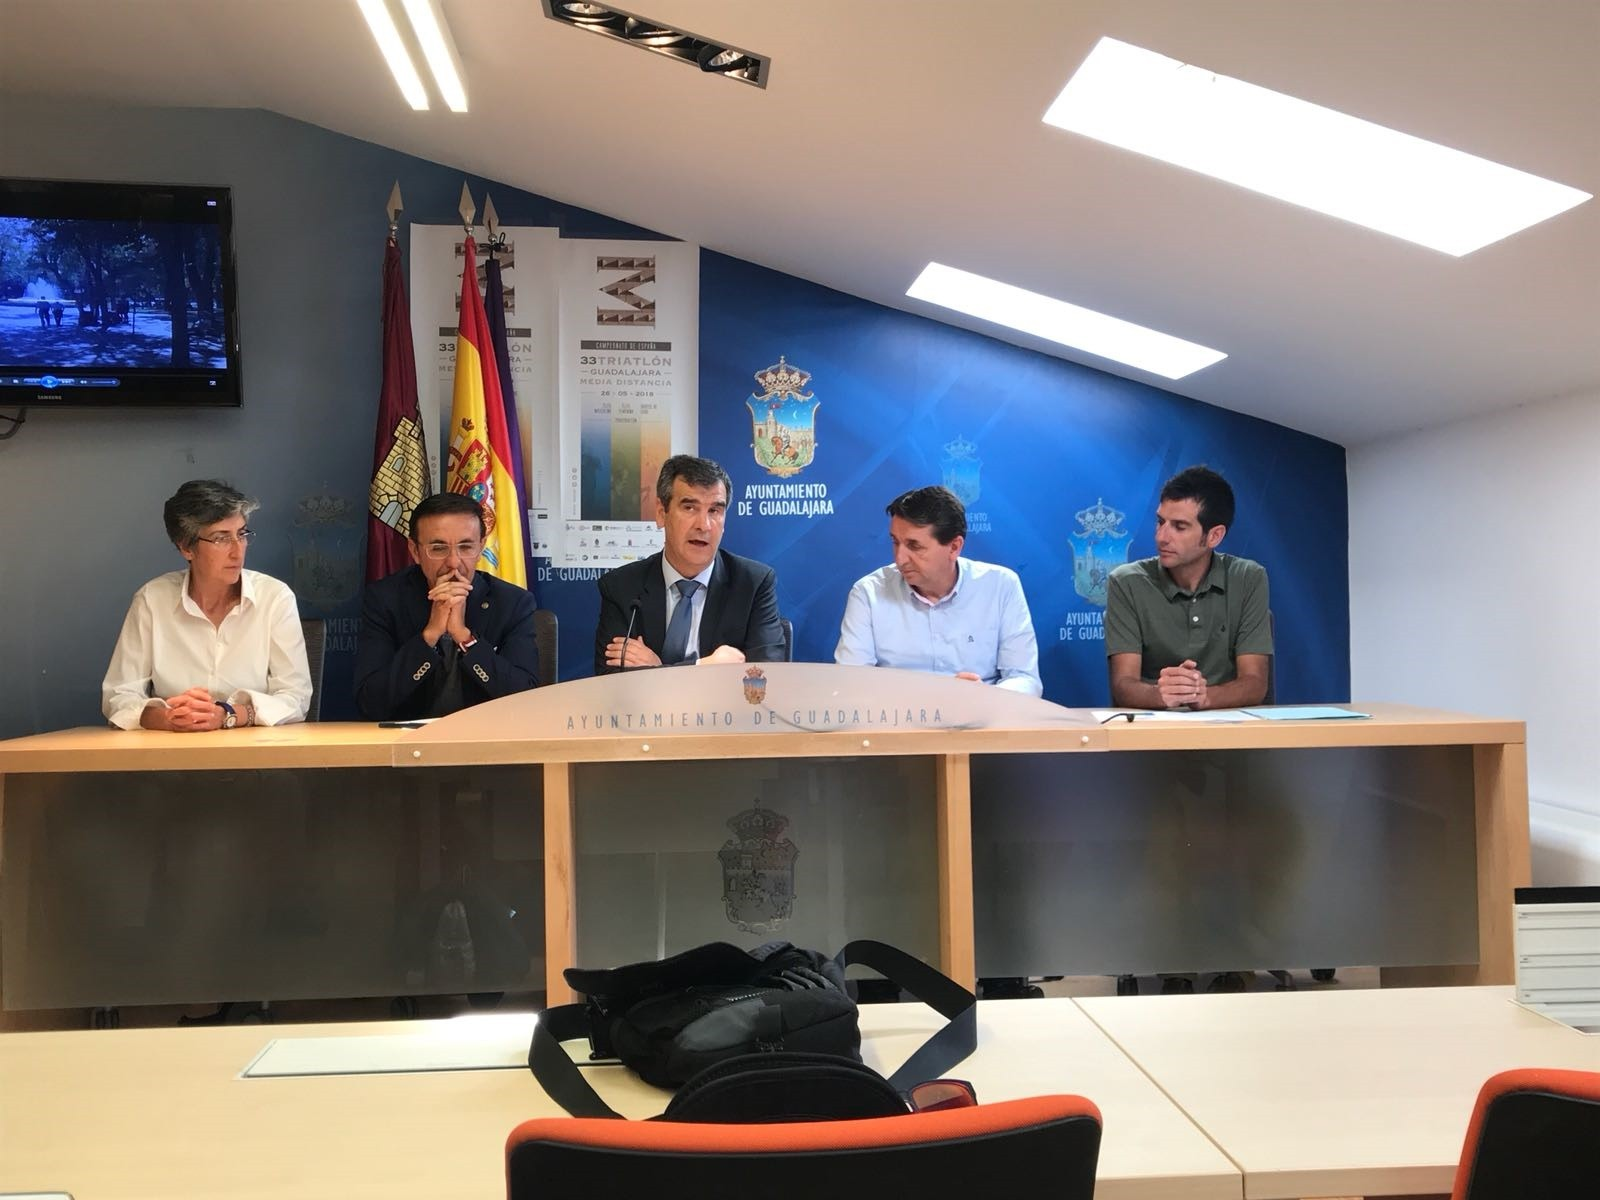 Presentación del Campeonato de España de MD en Guadalajara